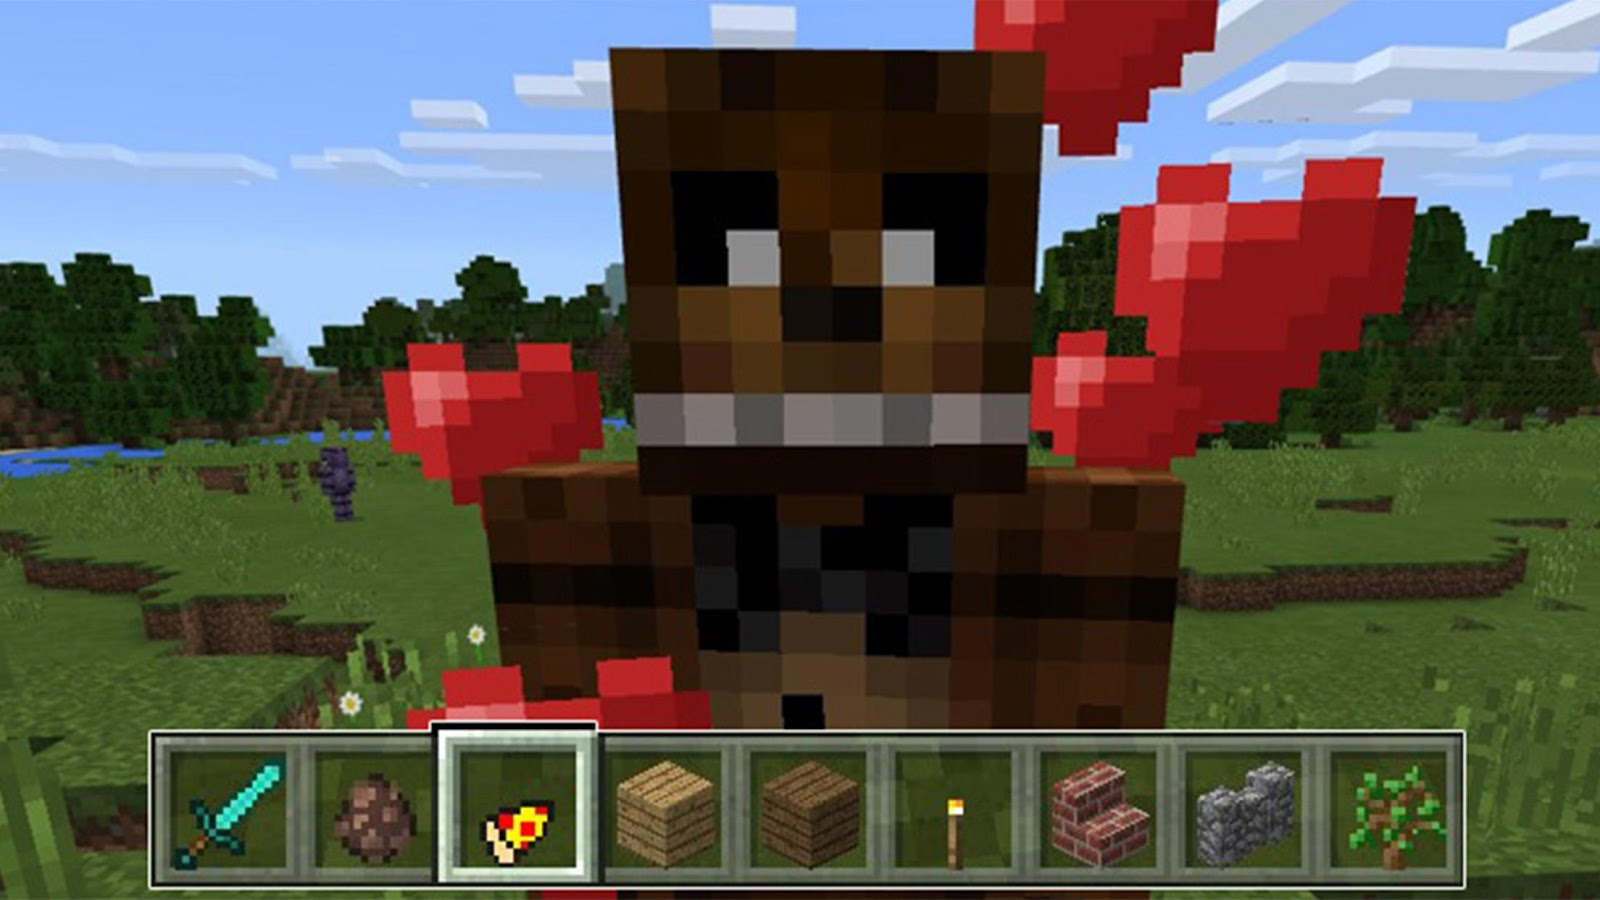 Mod FNAF for Minecraft PE - 5 Nights at Freddy's 1 5 APK